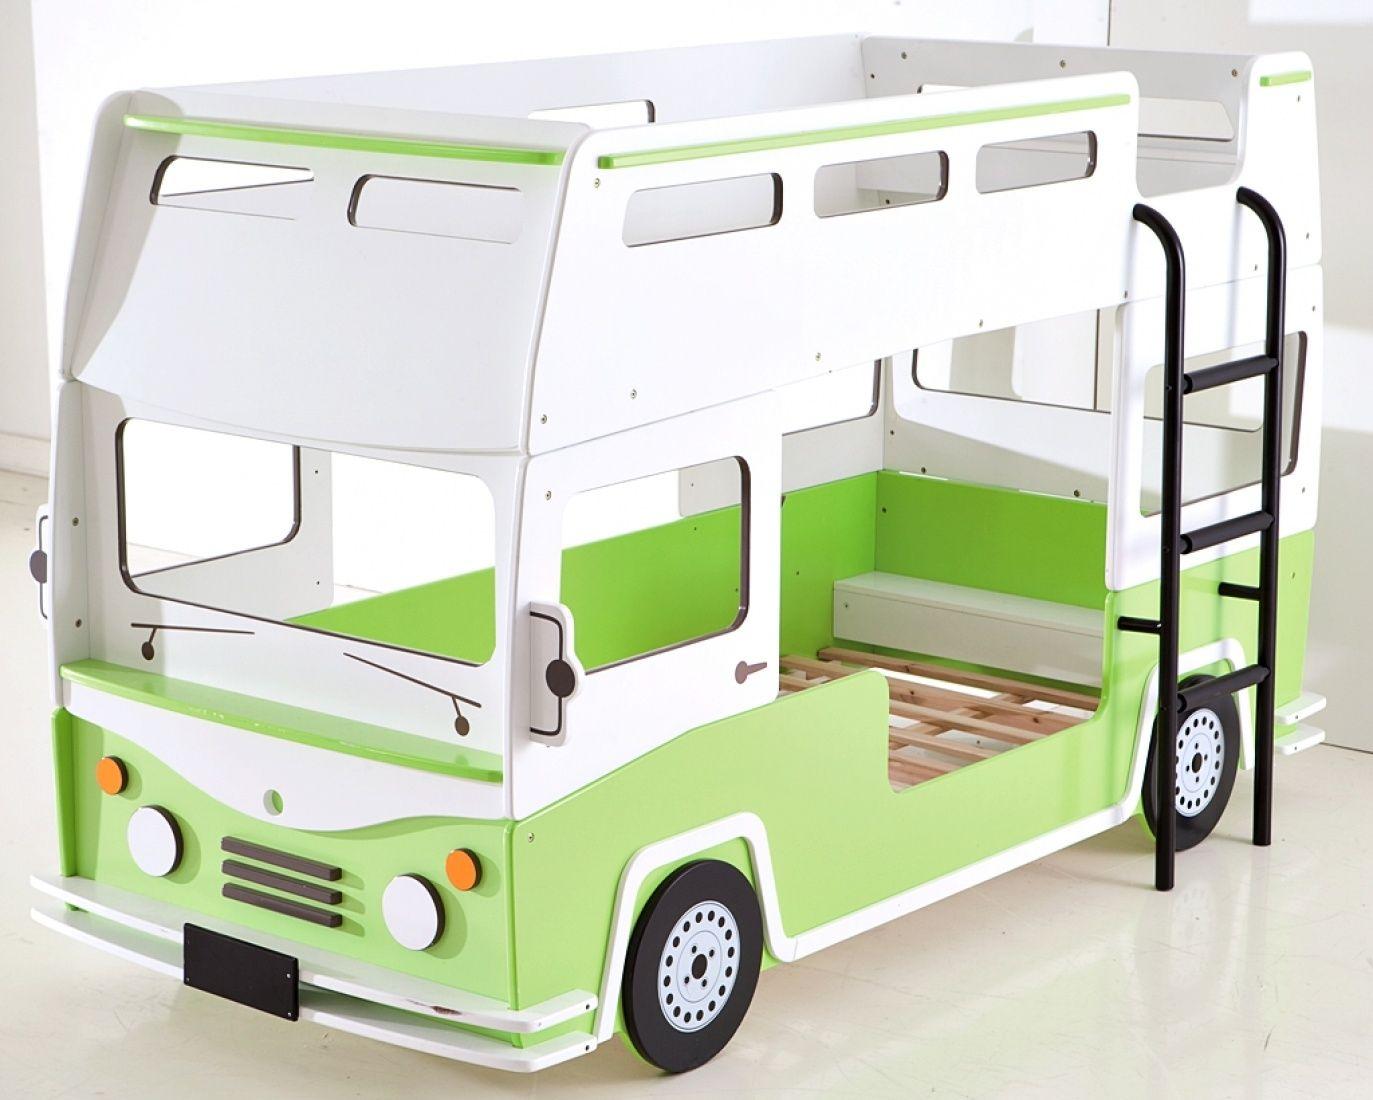 Etagenbett Bully Als Bus In Grun Weiss Kinder Bett Etagenbett